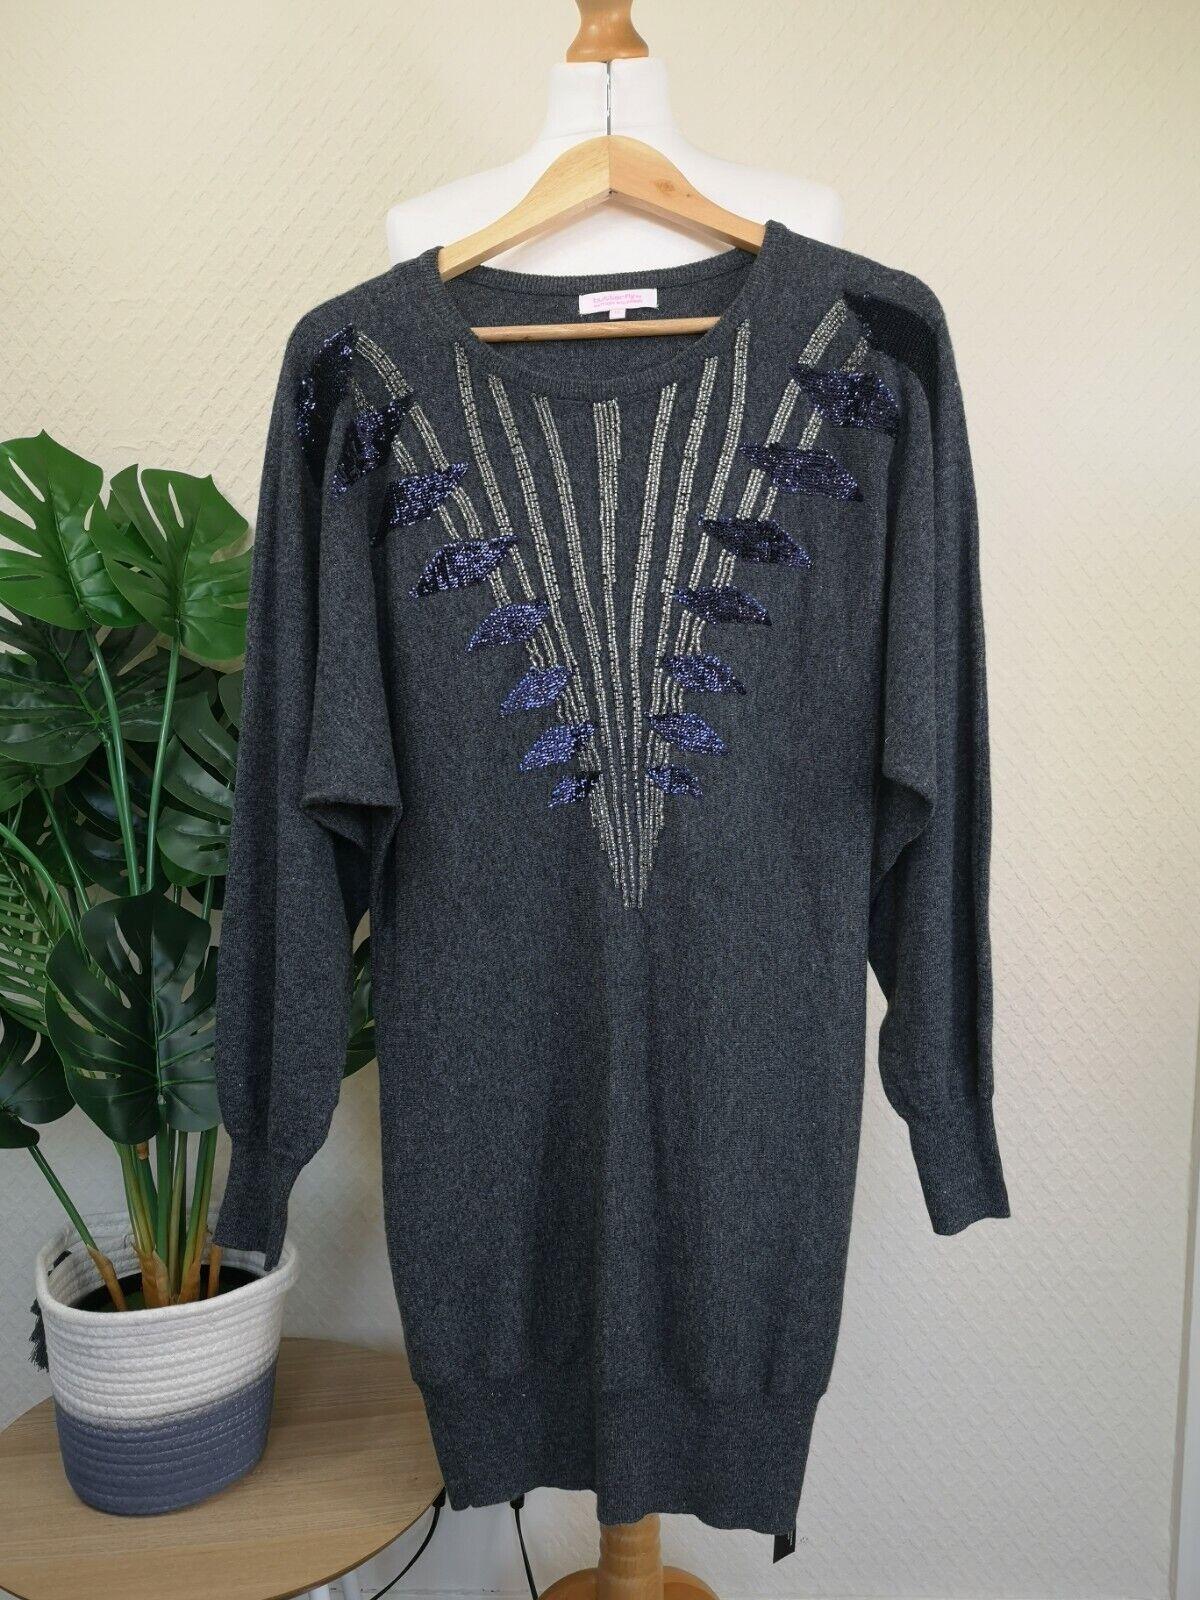 MATTHEW WILLIAMSON Size 12 Grey Knit Jumper Dress Women Sequin 5% Angora Sparkly